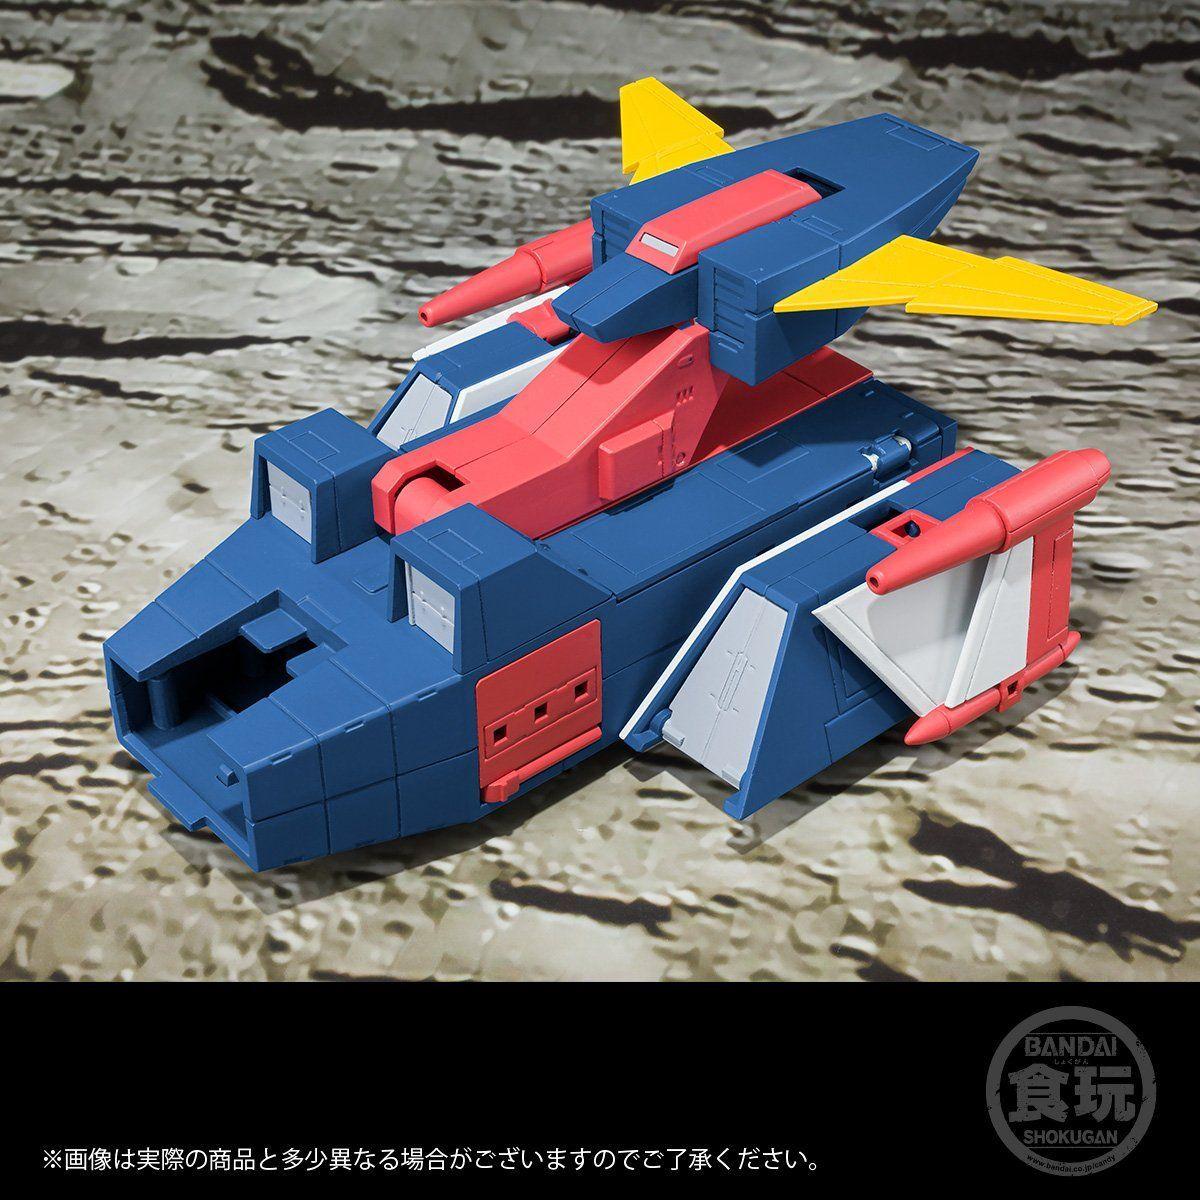 【食玩】スーパーミニプラ『無敵ロボ トライダーG7』3個入りBOX-019